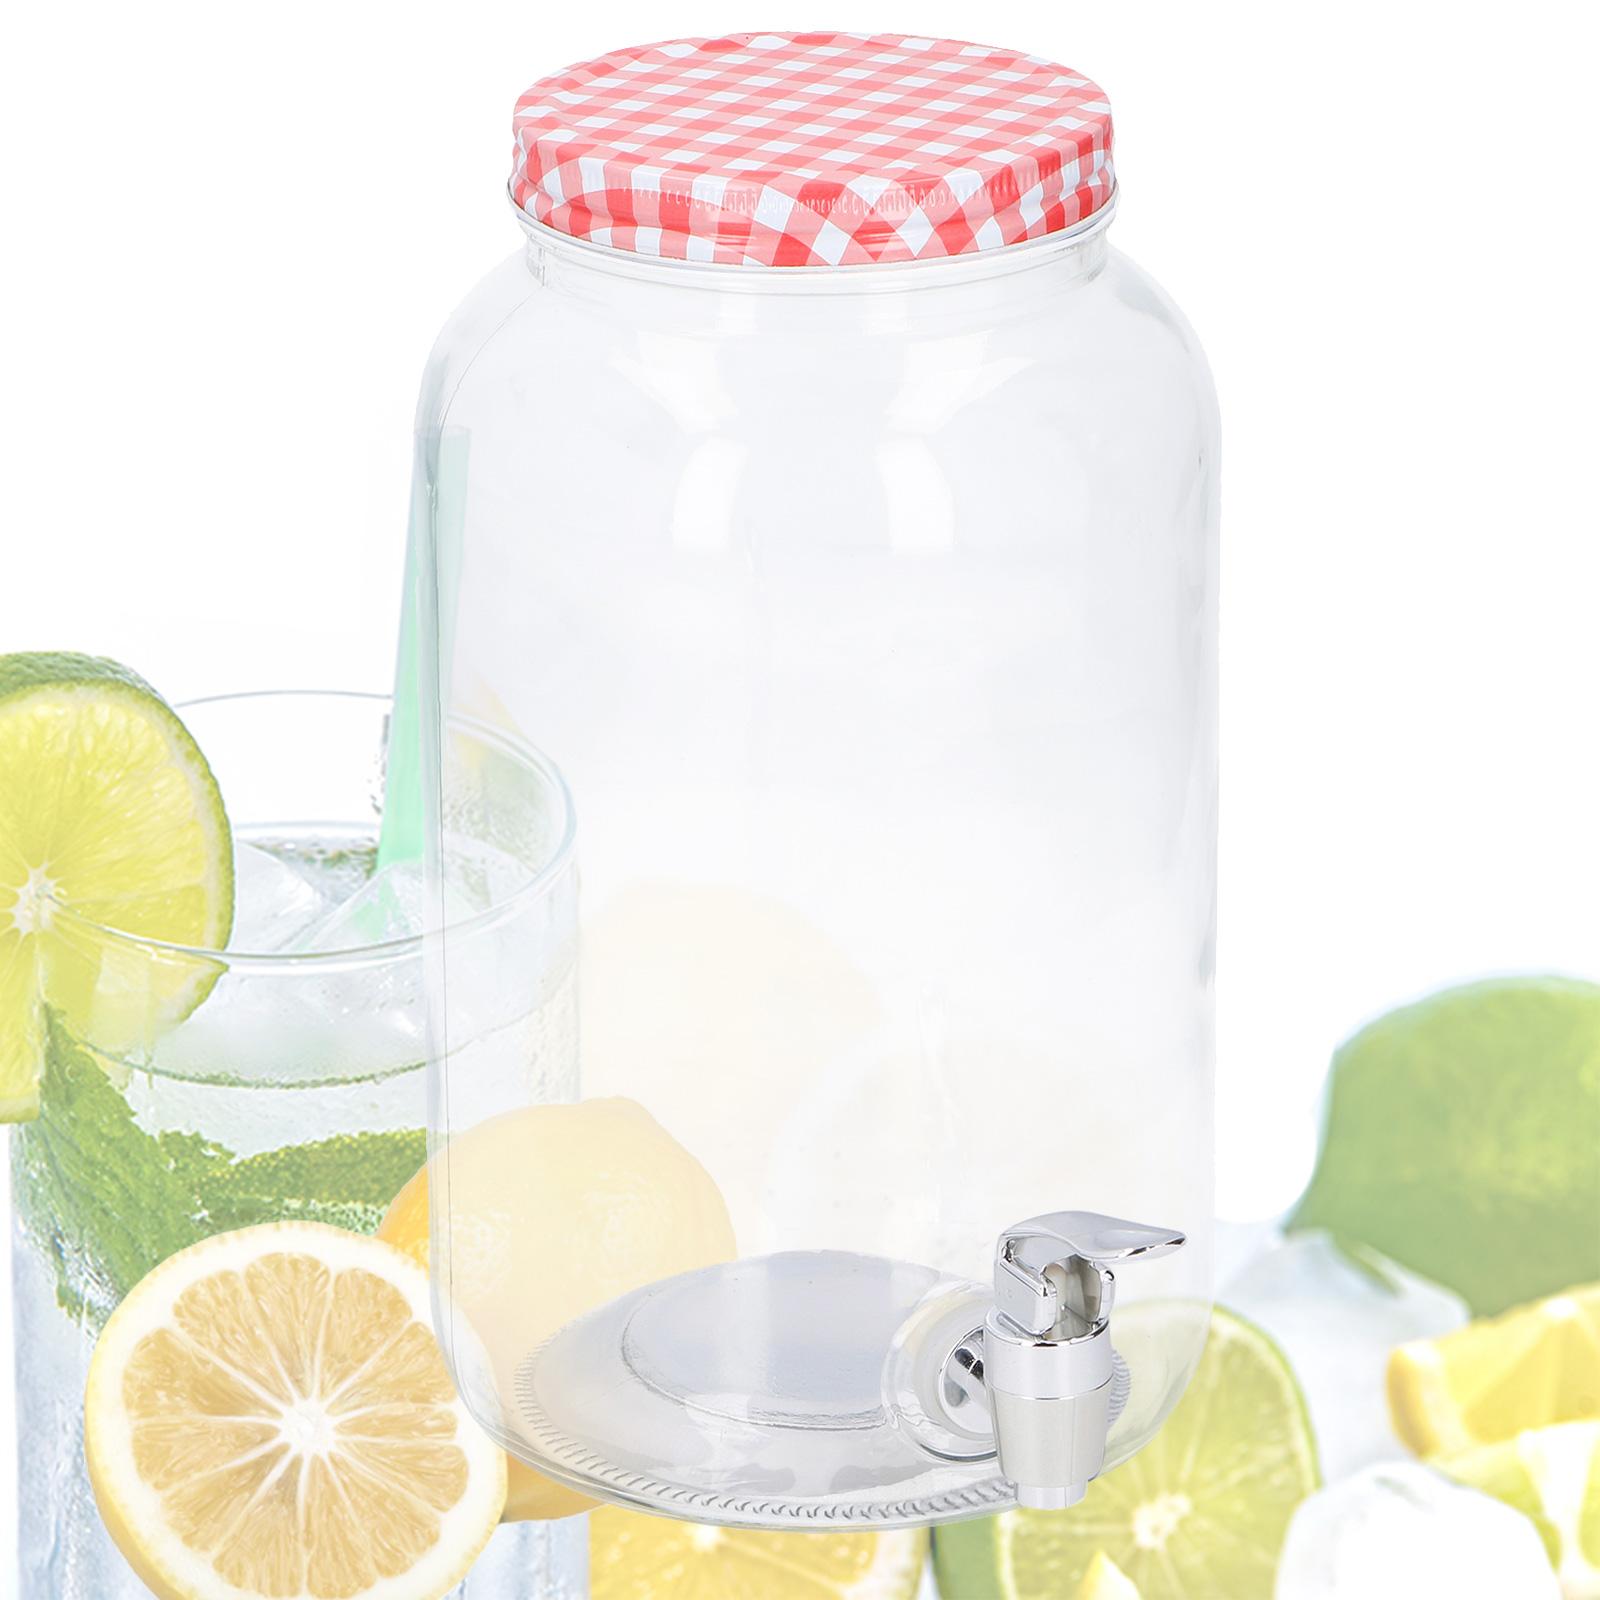 Saftspender 3 Liter Glas mit Zapfhahn Wasserspender Getränkespender